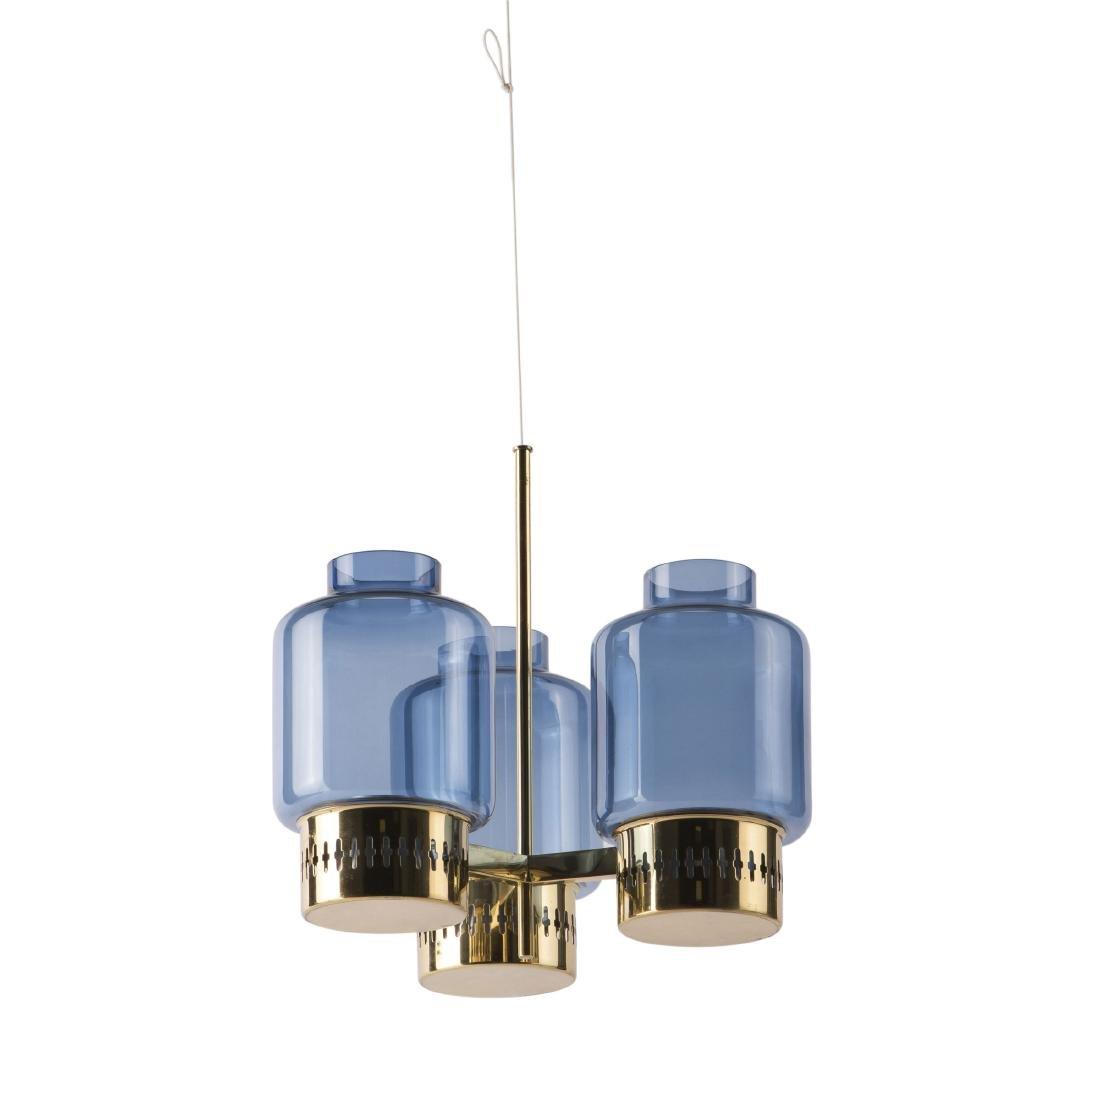 Hanging lantern, c1960